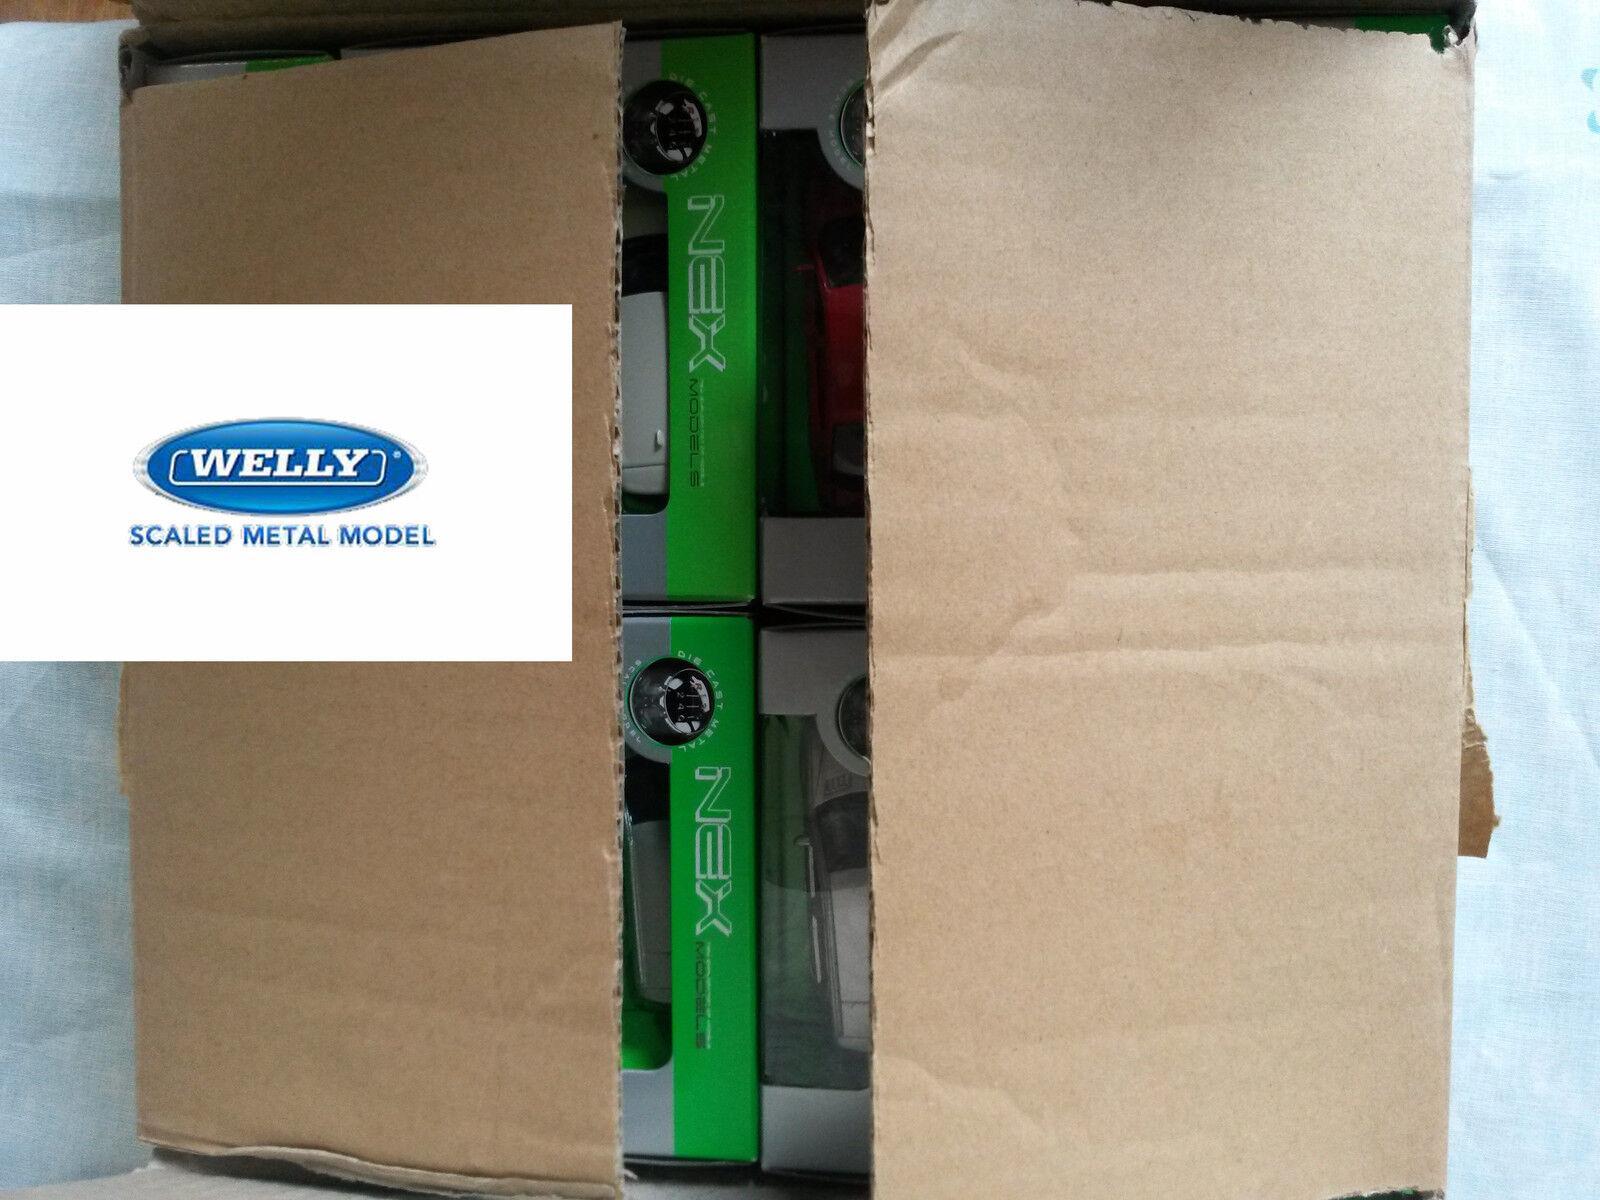 Mejor precio Caja de de de Cochetón con 36 coches de juguete Diecast Metal Welly 1 60 último caso en Caja   correo aéreo  minorista de fitness